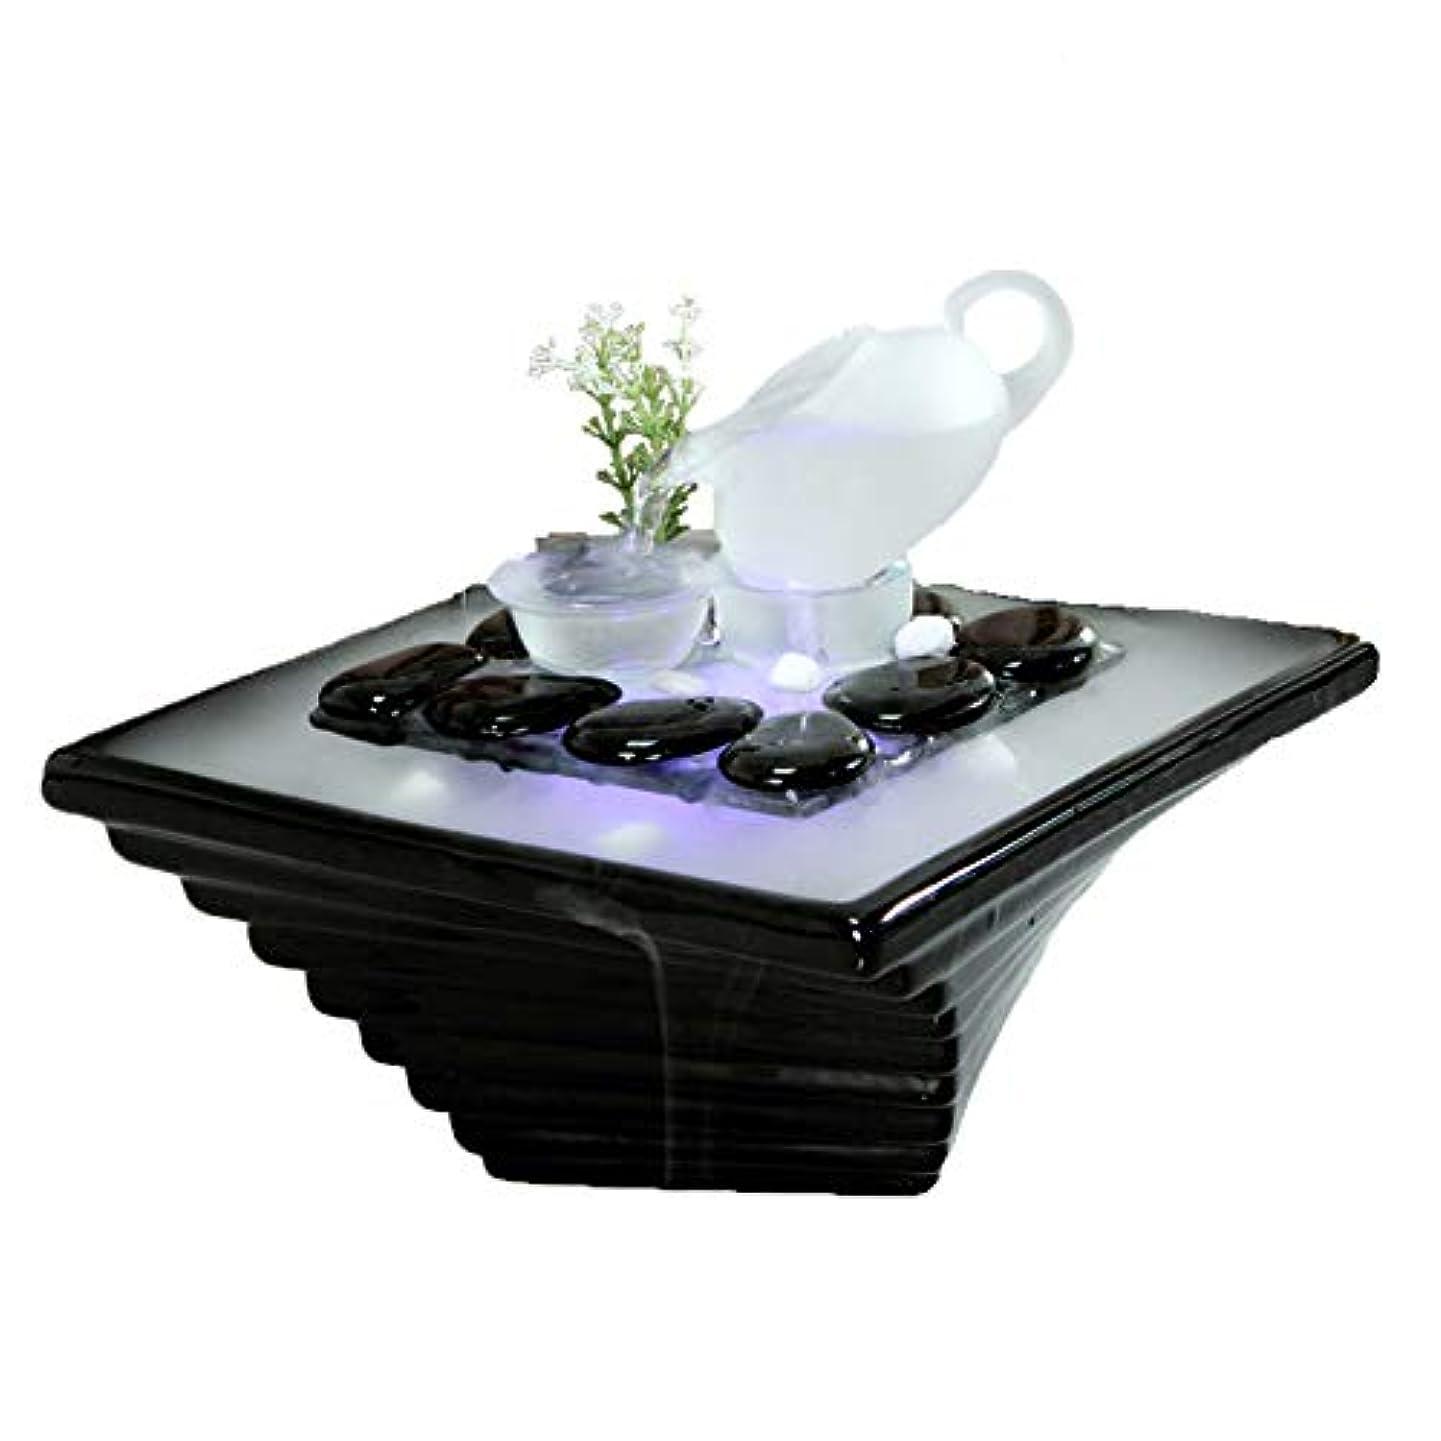 余計な毒ペルセウスエッセンシャルオイルディフューザー空気加湿器セラミッククラフトクリエイティブホームデスクトップ装飾アロマセラピー絶妙なギフト,Black